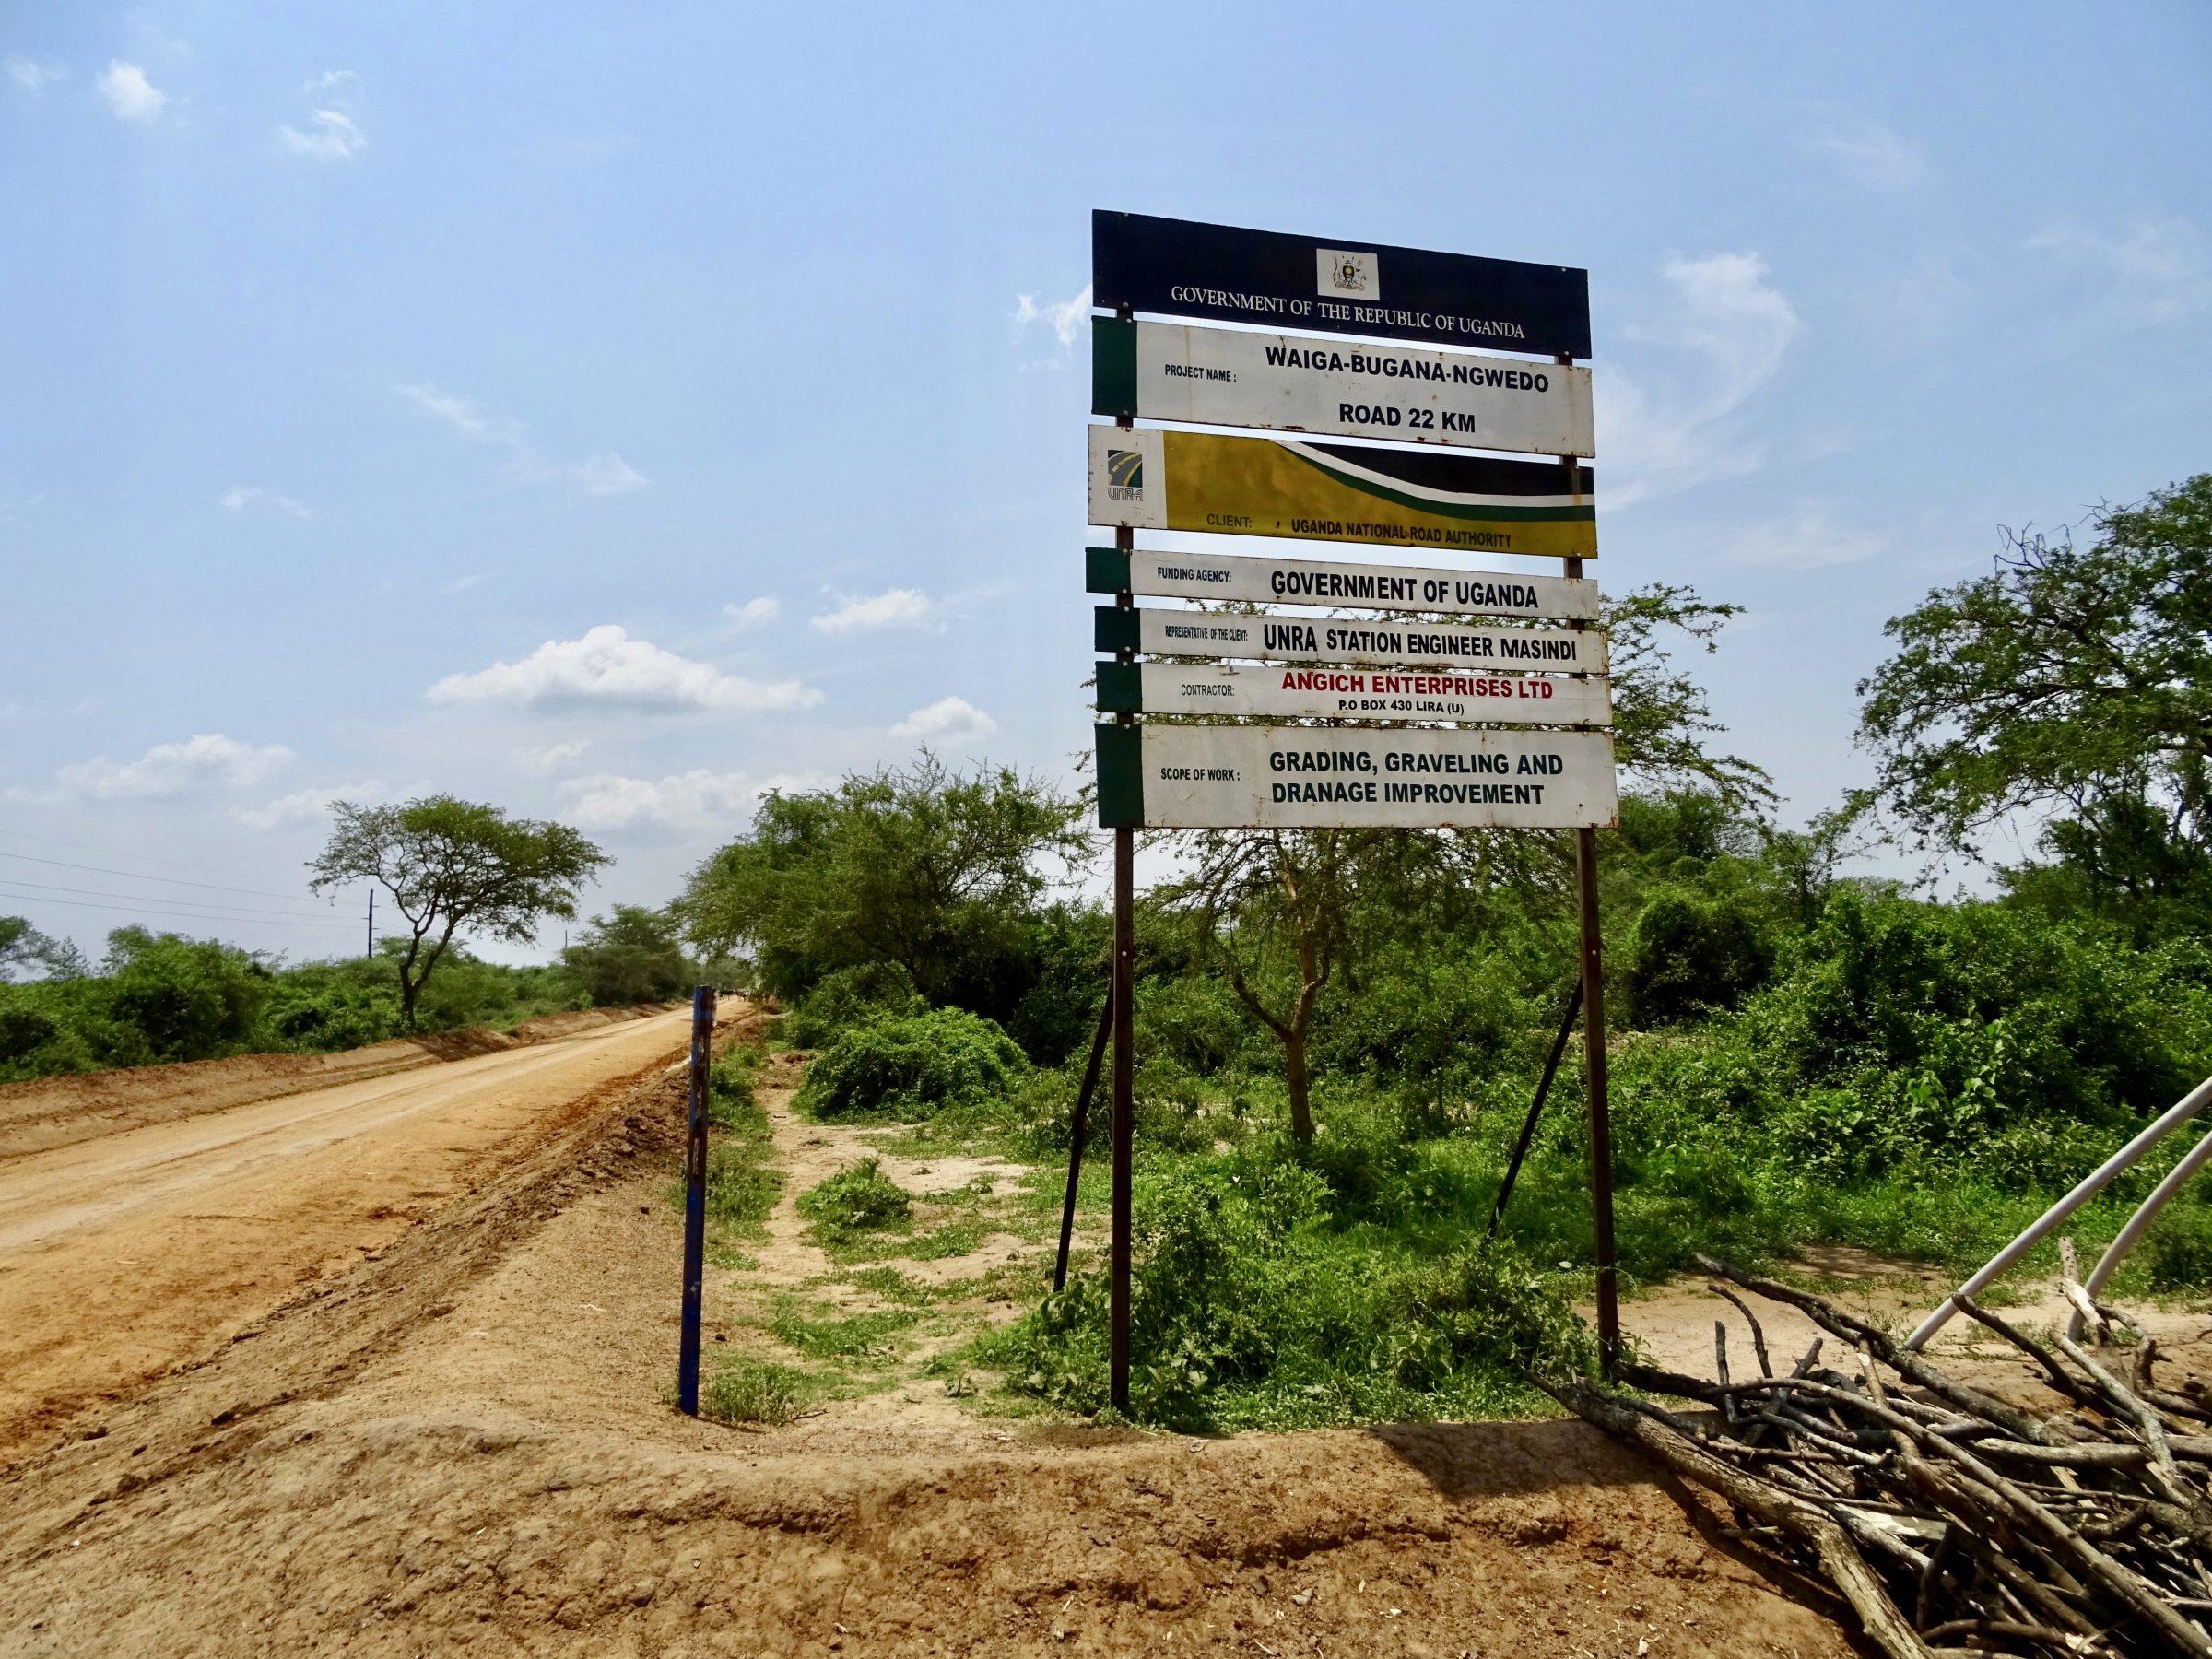 Aankondiging in 2017 van de aanleg van een asfaltweg naar Murchison Falls NP